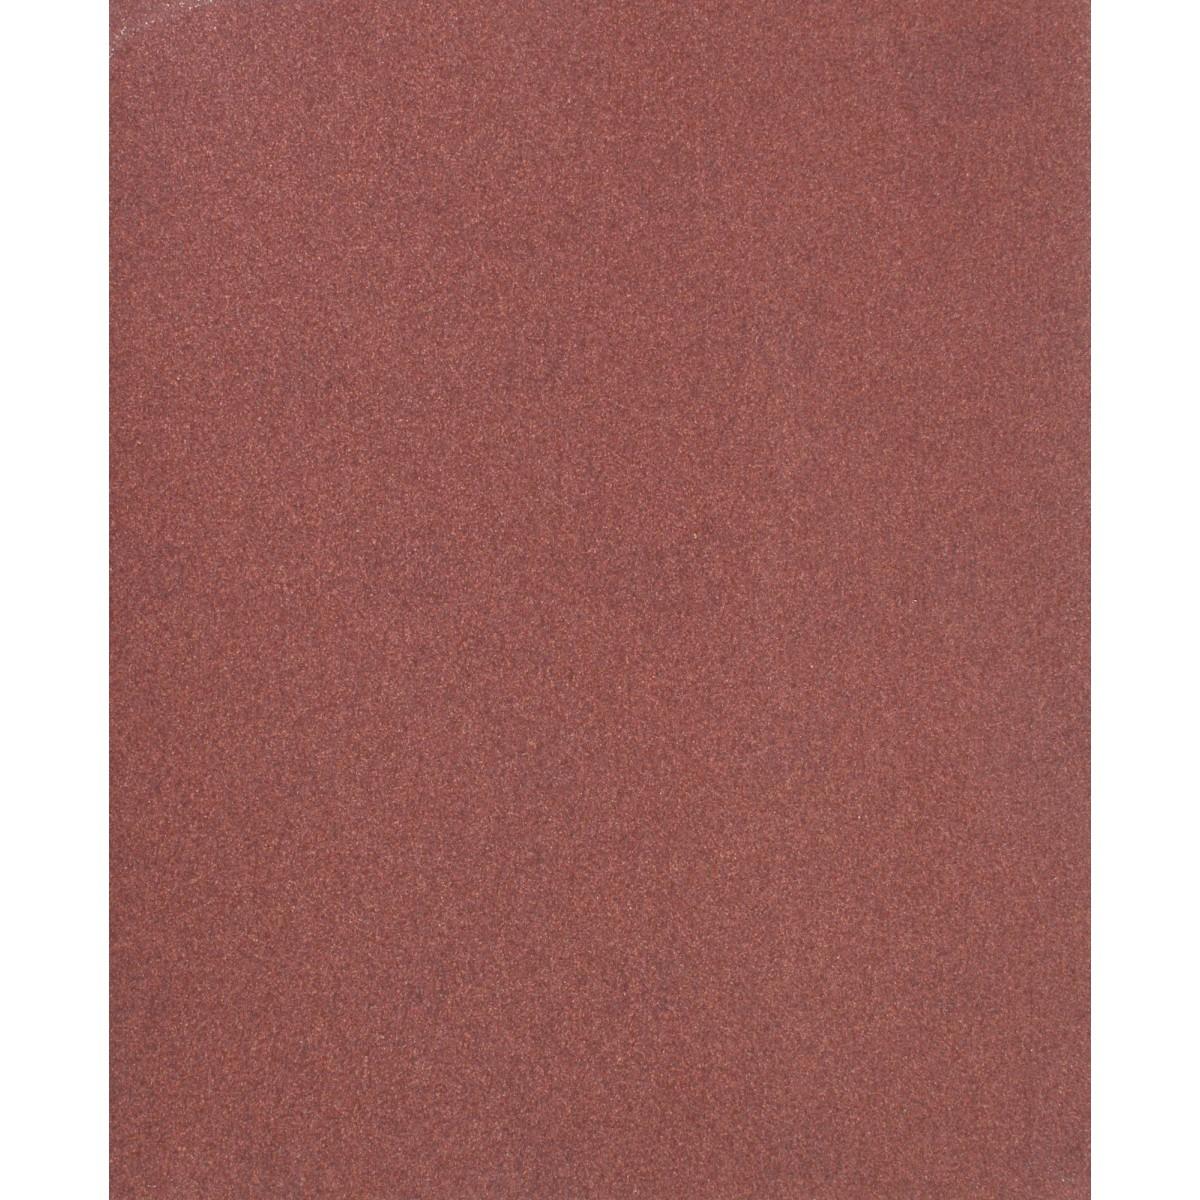 Papier corindon 230 x 280 mm SCID - Grain 100 - Vendu par 1